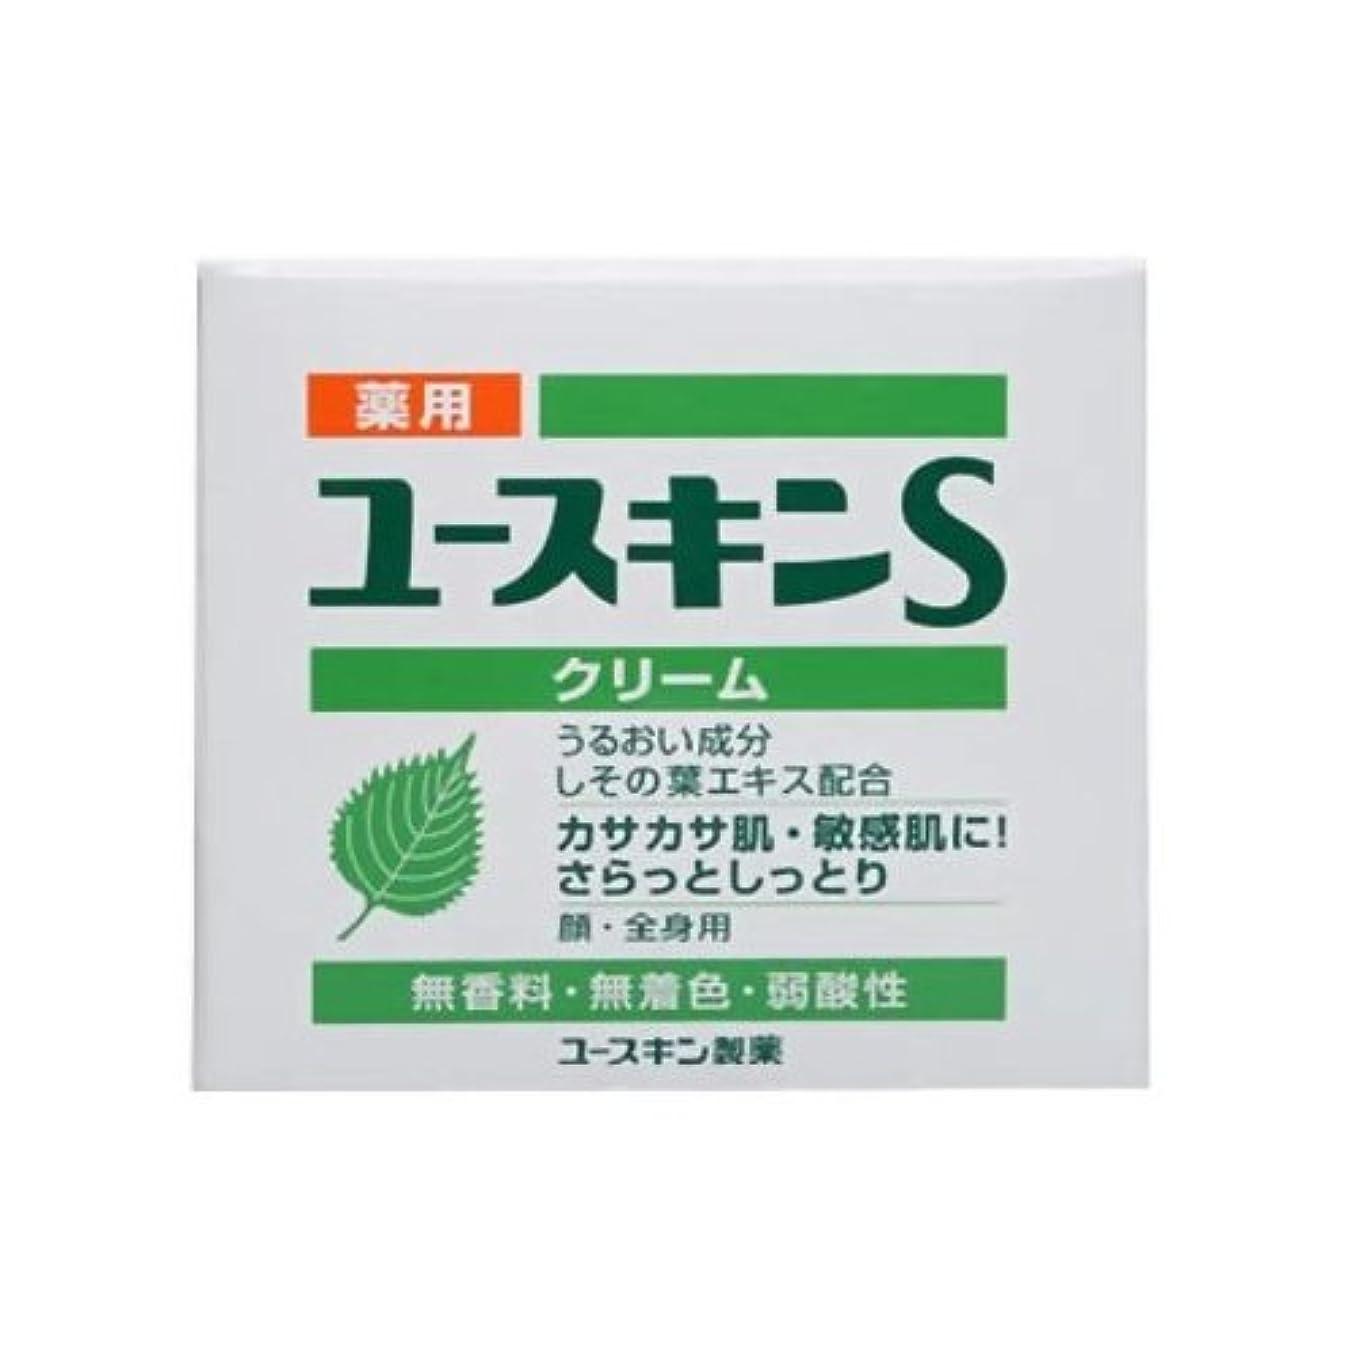 物質士気単調な薬用ユースキンS クリーム 70g (敏感肌用 保湿クリーム) 【医薬部外品】